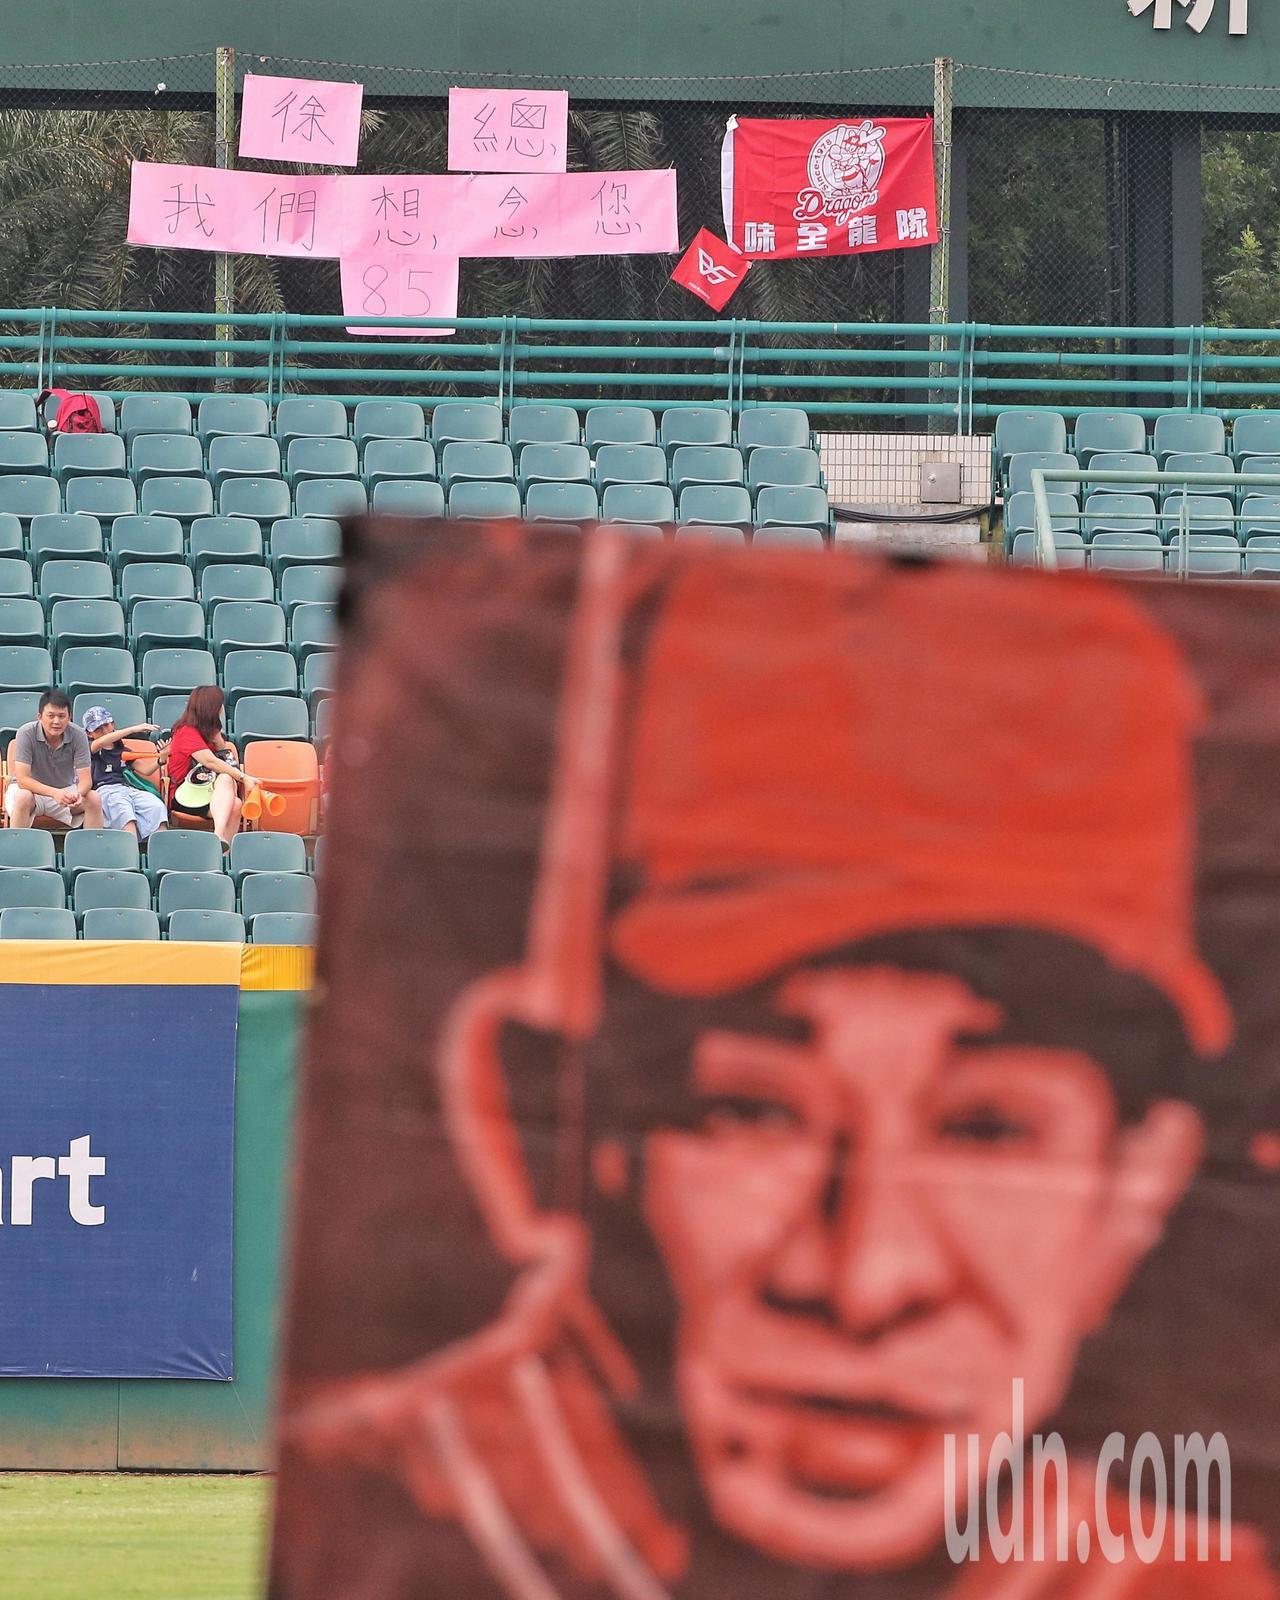 街頭表演藝術家在賽前畫出前義大犀牛總教練徐生明漆畫像,有球迷掛上味全龍隊旗並貼出...